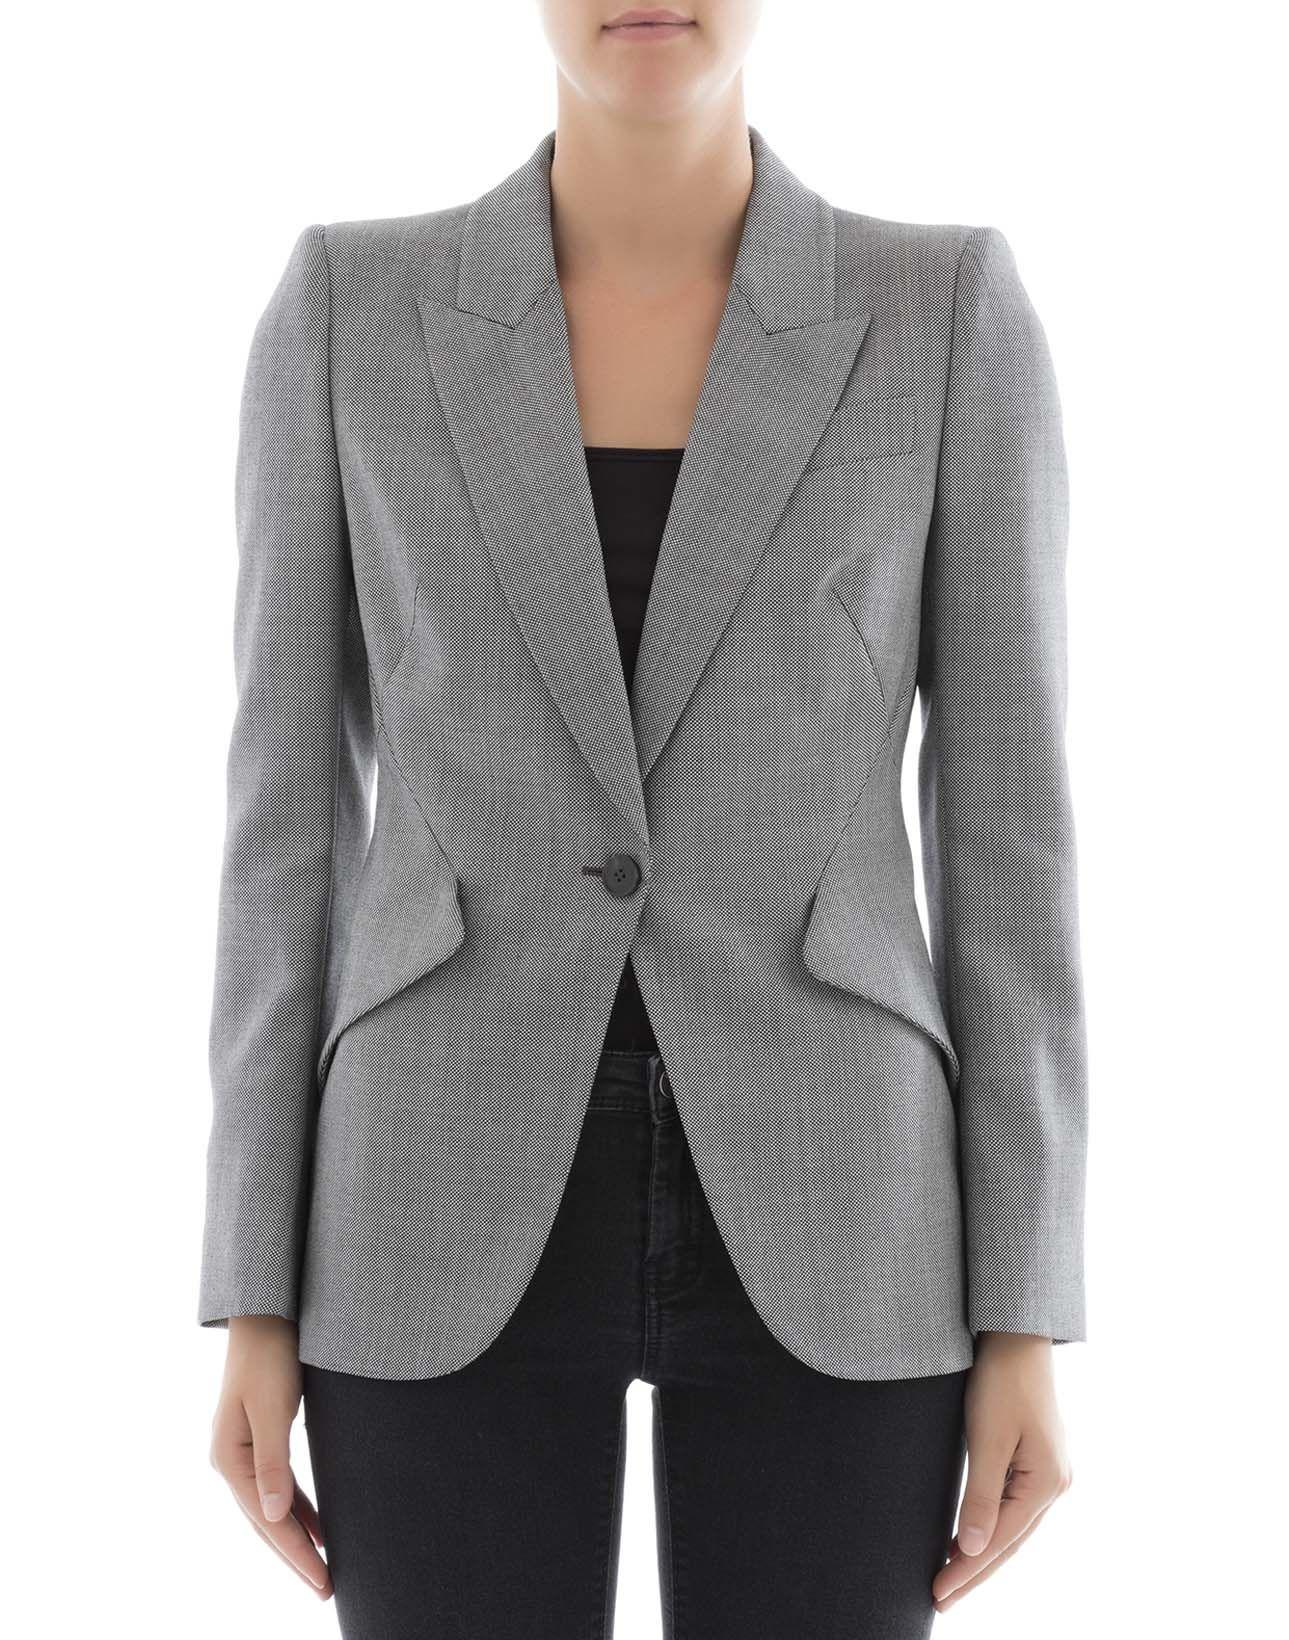 Alexander Mcqueen Grey Wool Jacket